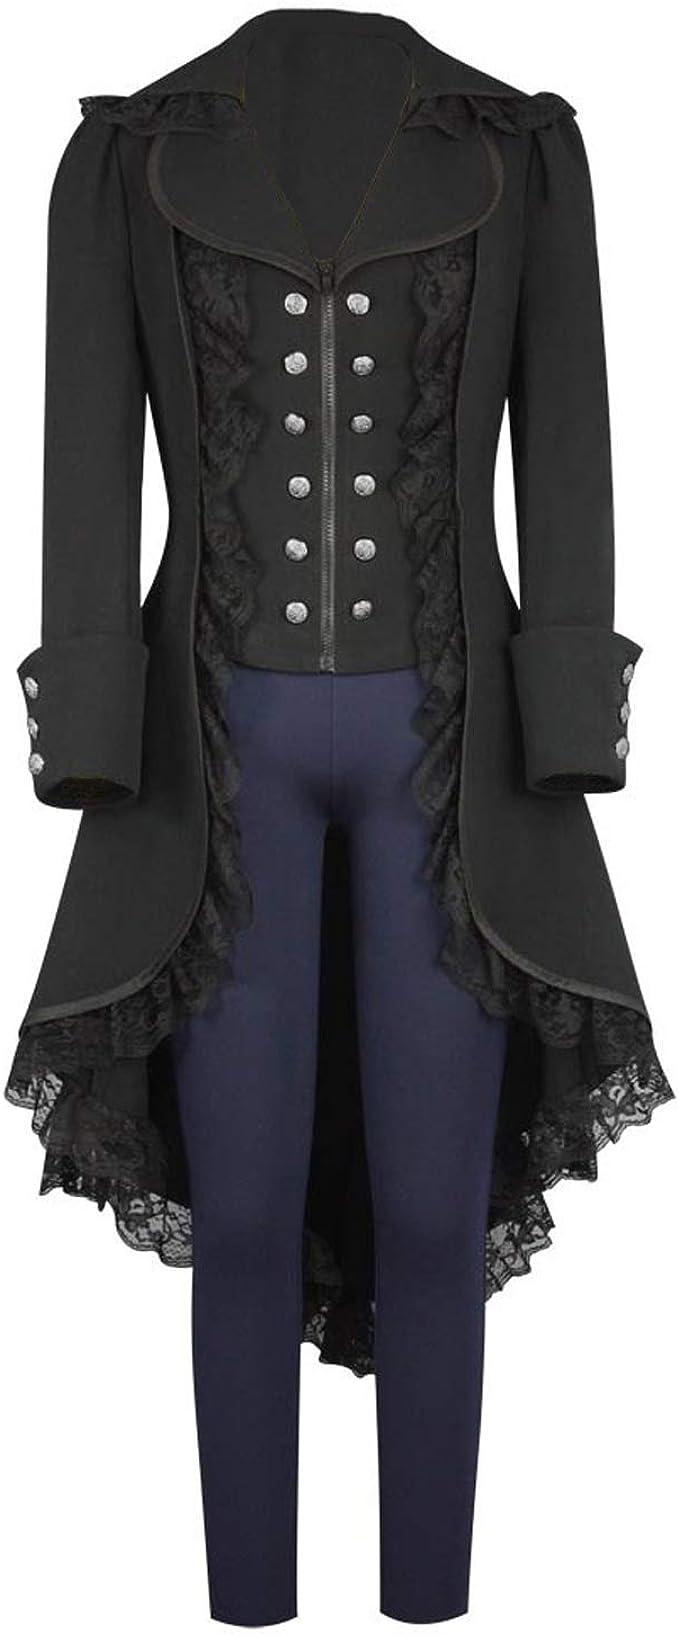 Amazon.com: Chaqueta para mujer, estilo gótico, estilo ...